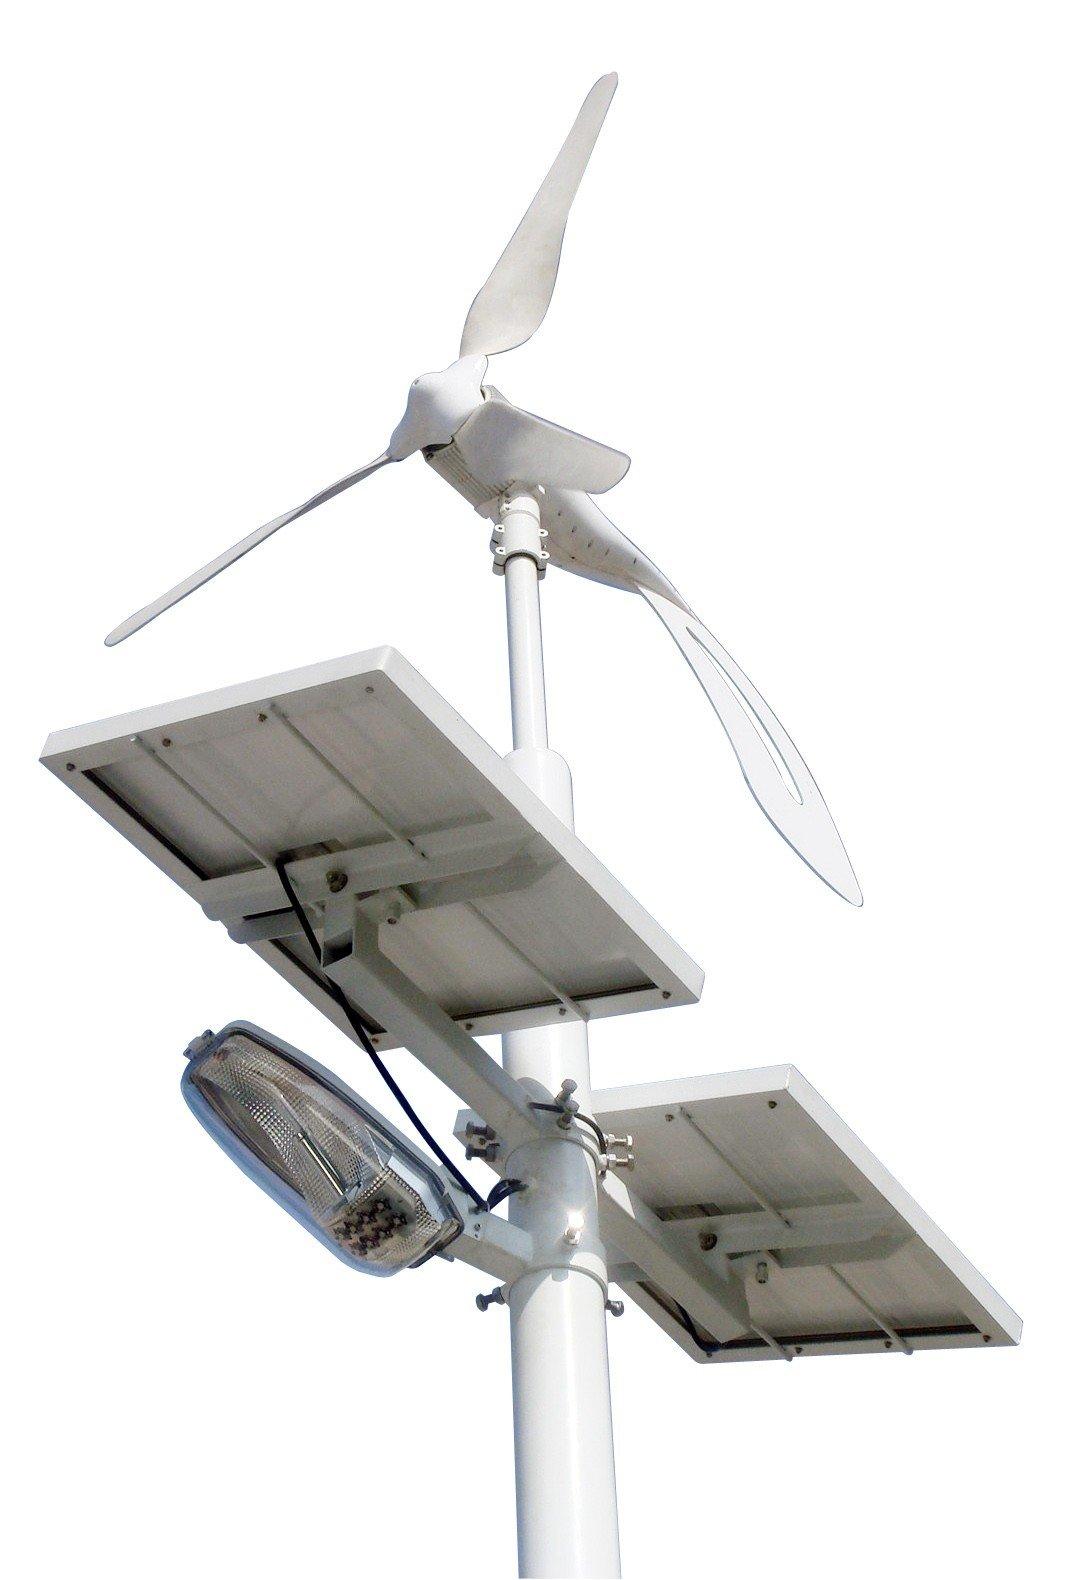 outdoor lighting fixtures led solar low voltage ebay. Black Bedroom Furniture Sets. Home Design Ideas